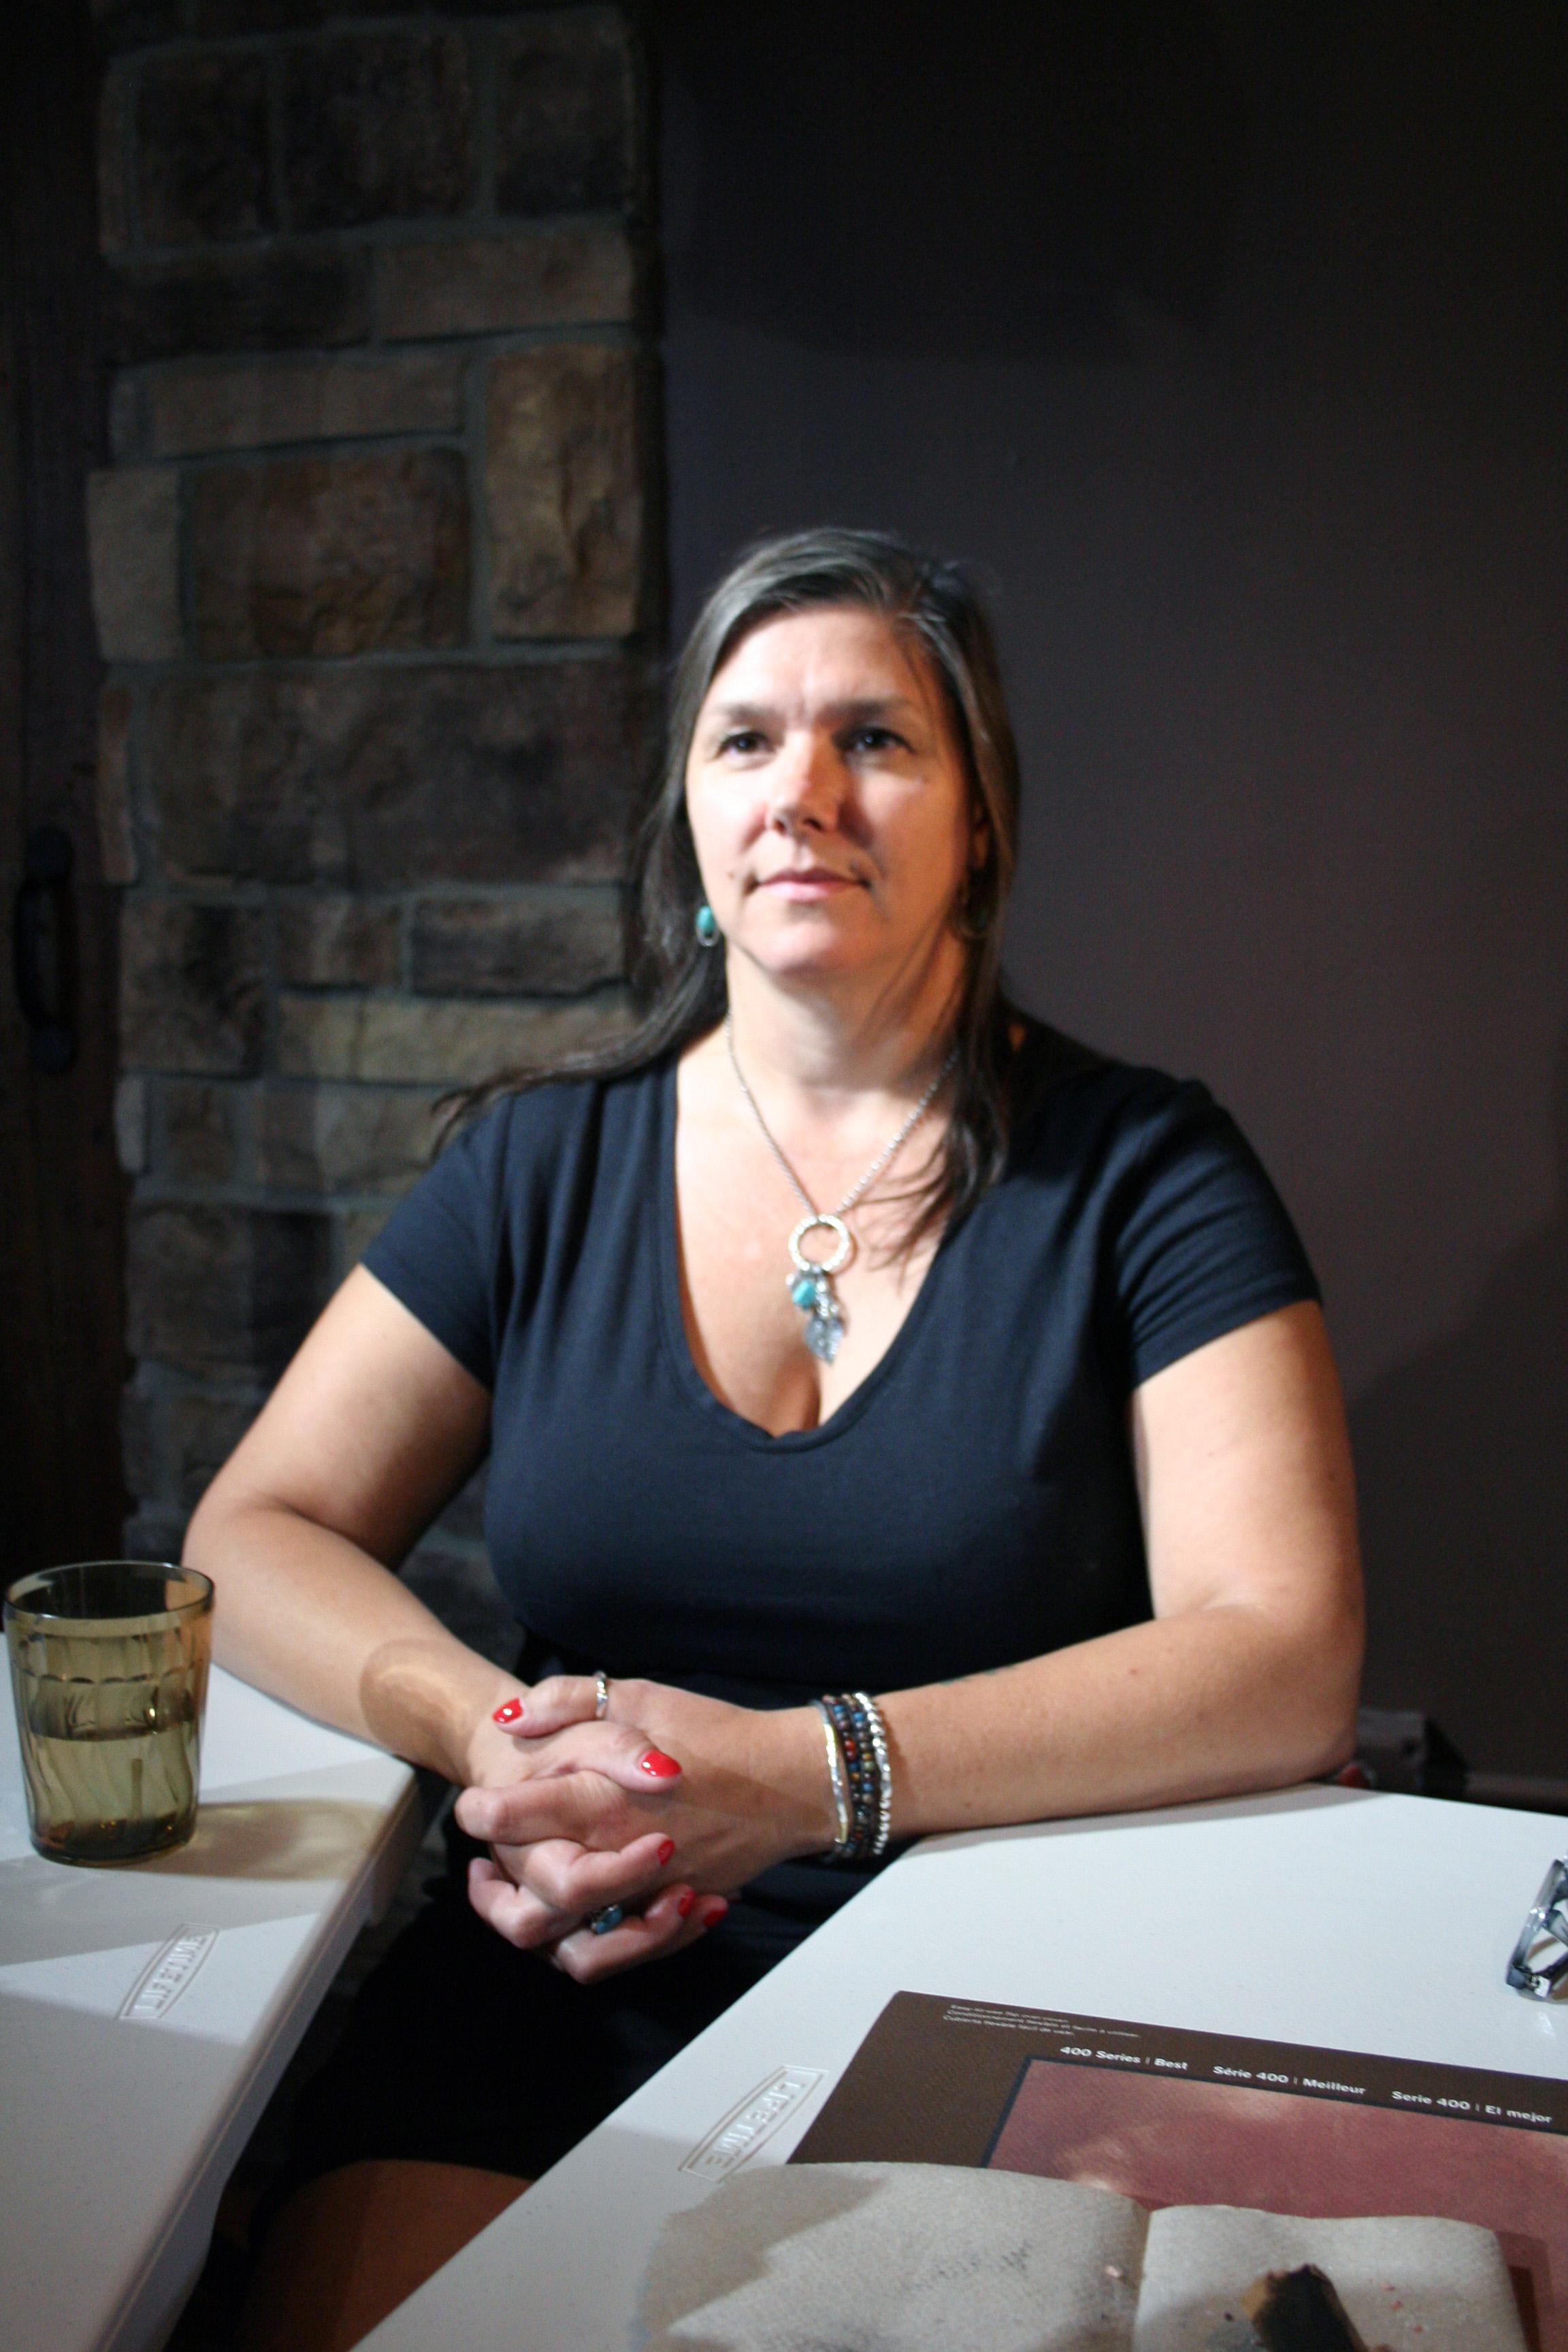 Sharon Flazynski Riegelsberger @ BottleHouse Brewery 8-16-19.jpg